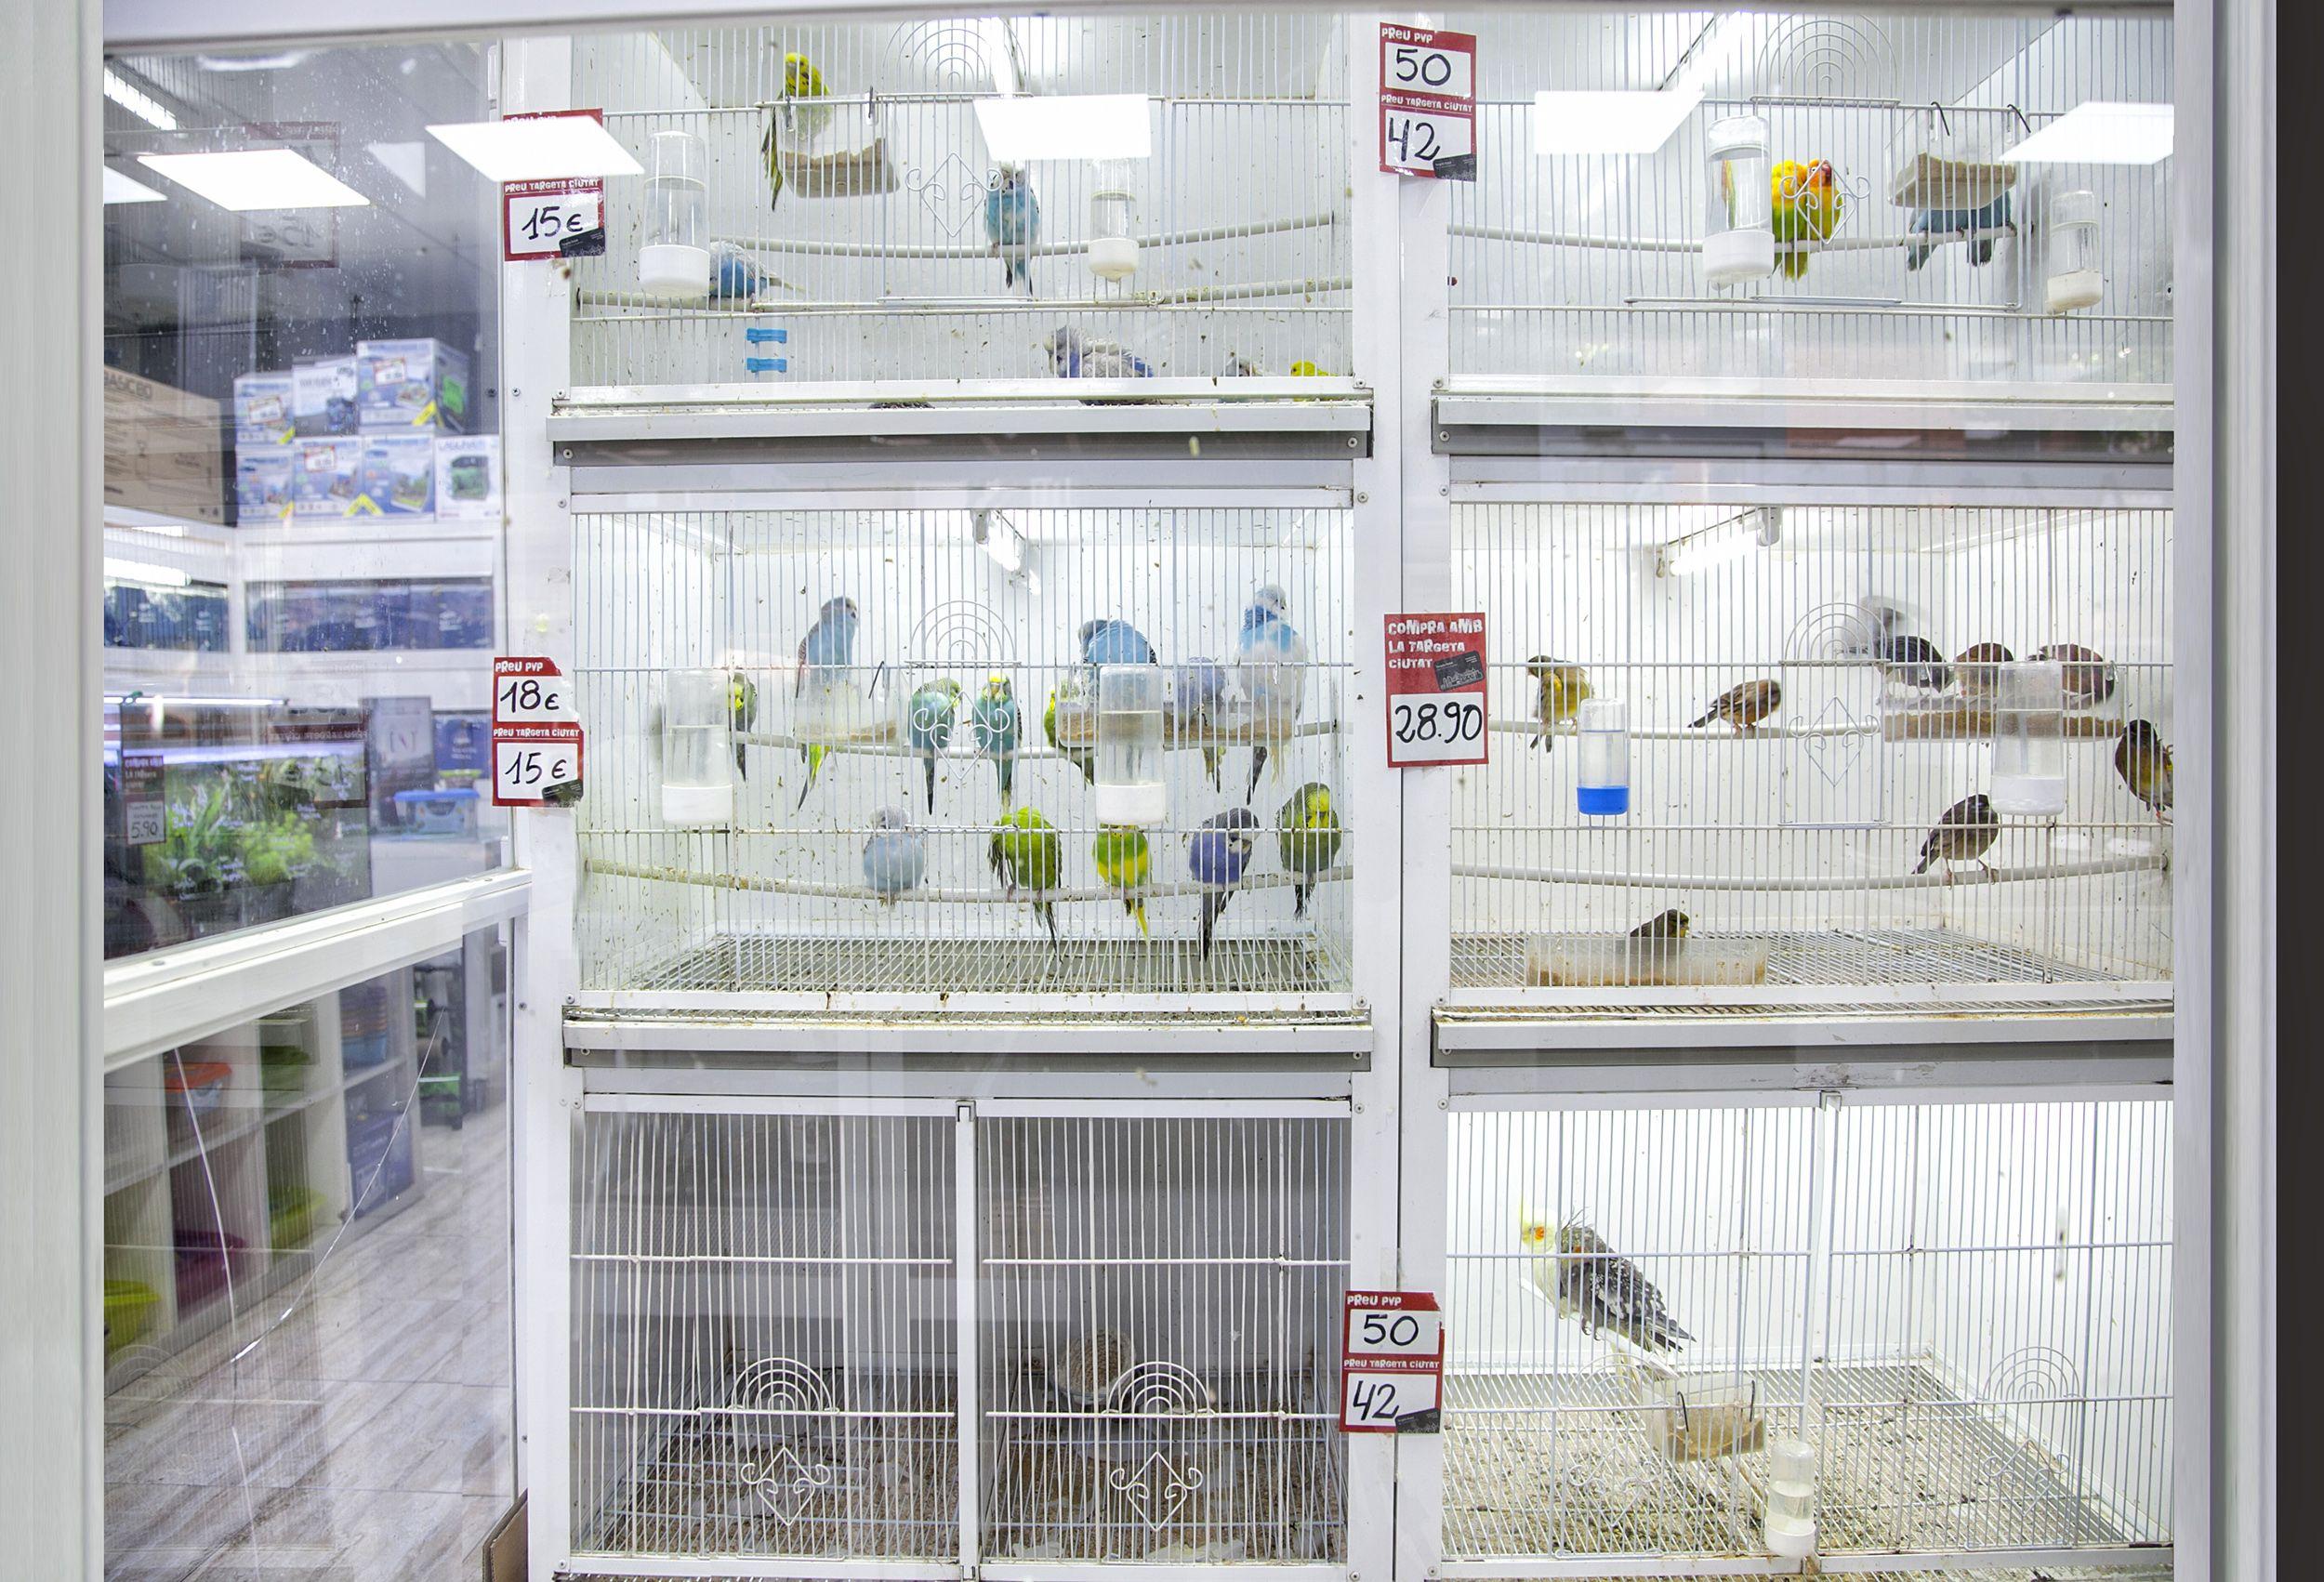 Tienda de animales en Cerdanyola del Vallès